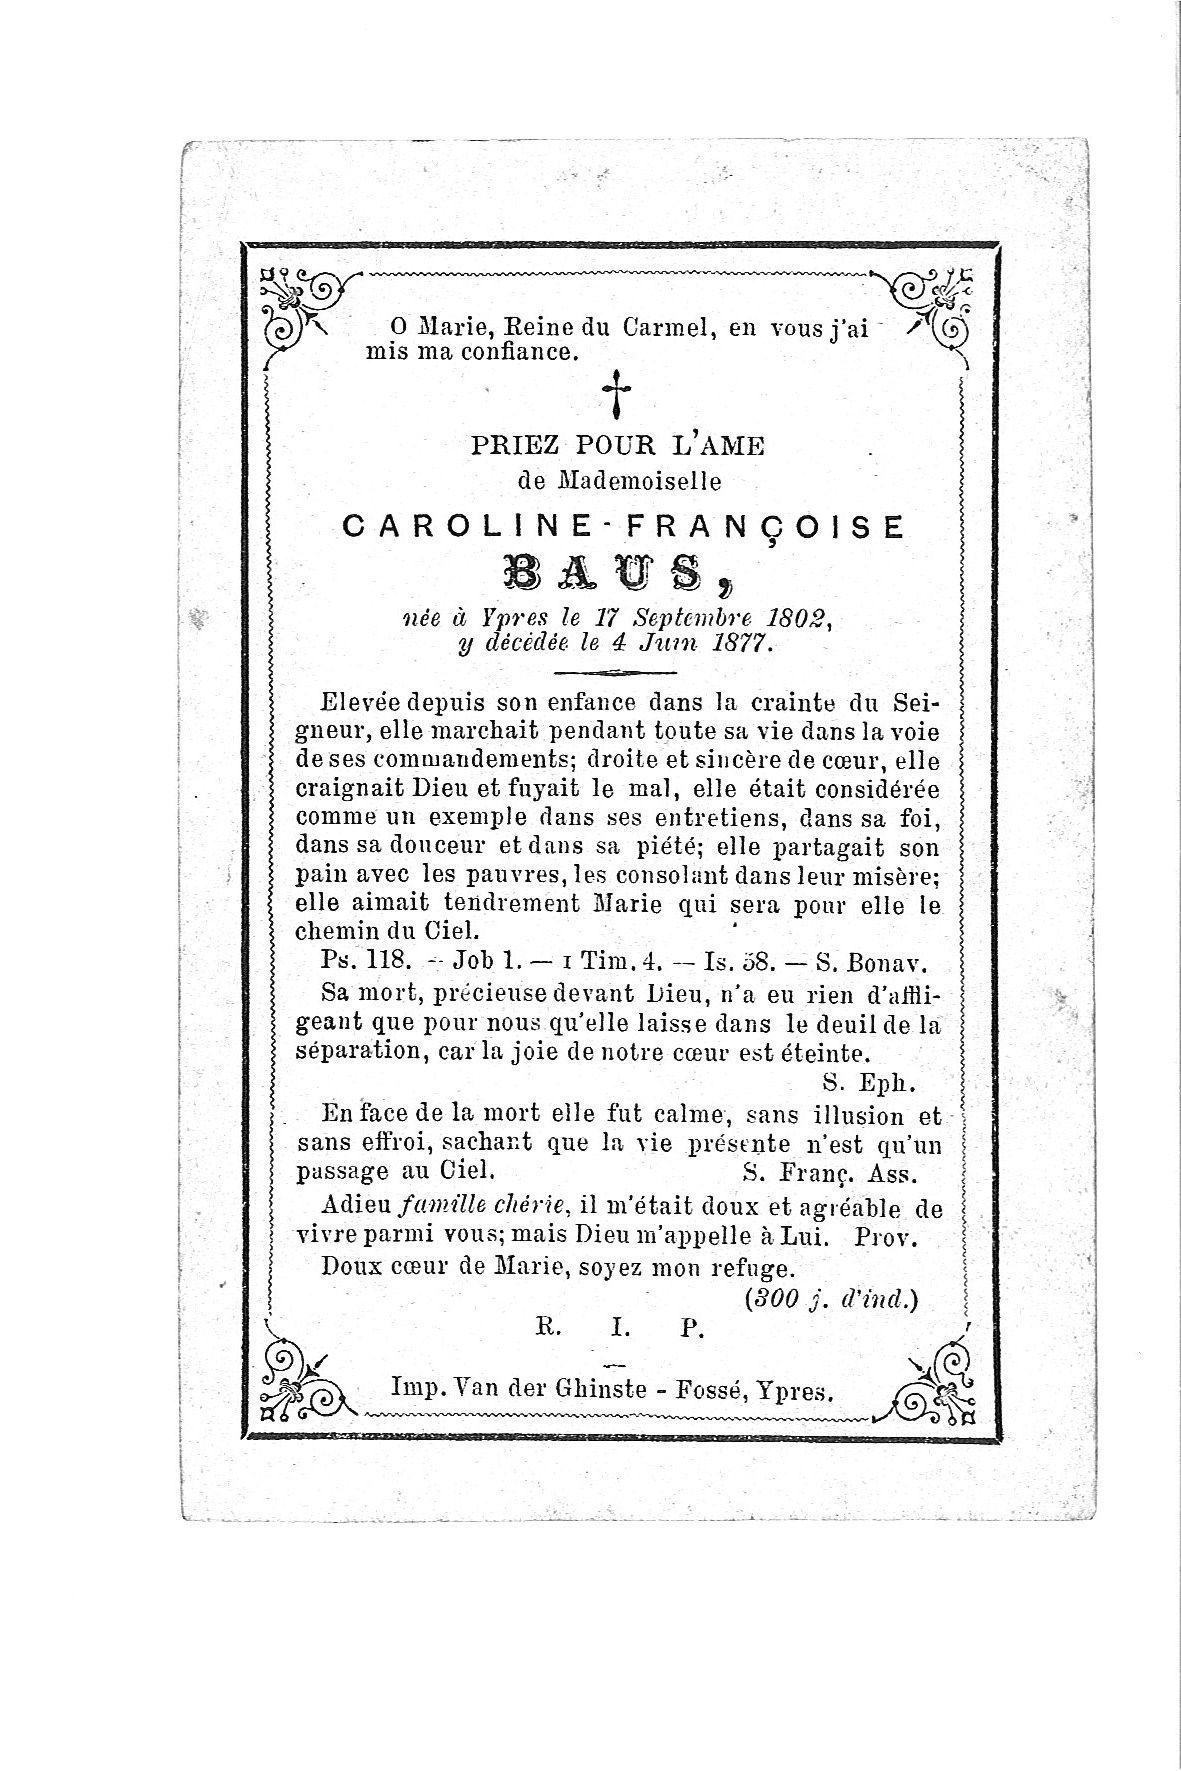 caroline-françoise(1877)20090709113558_00024.jpg